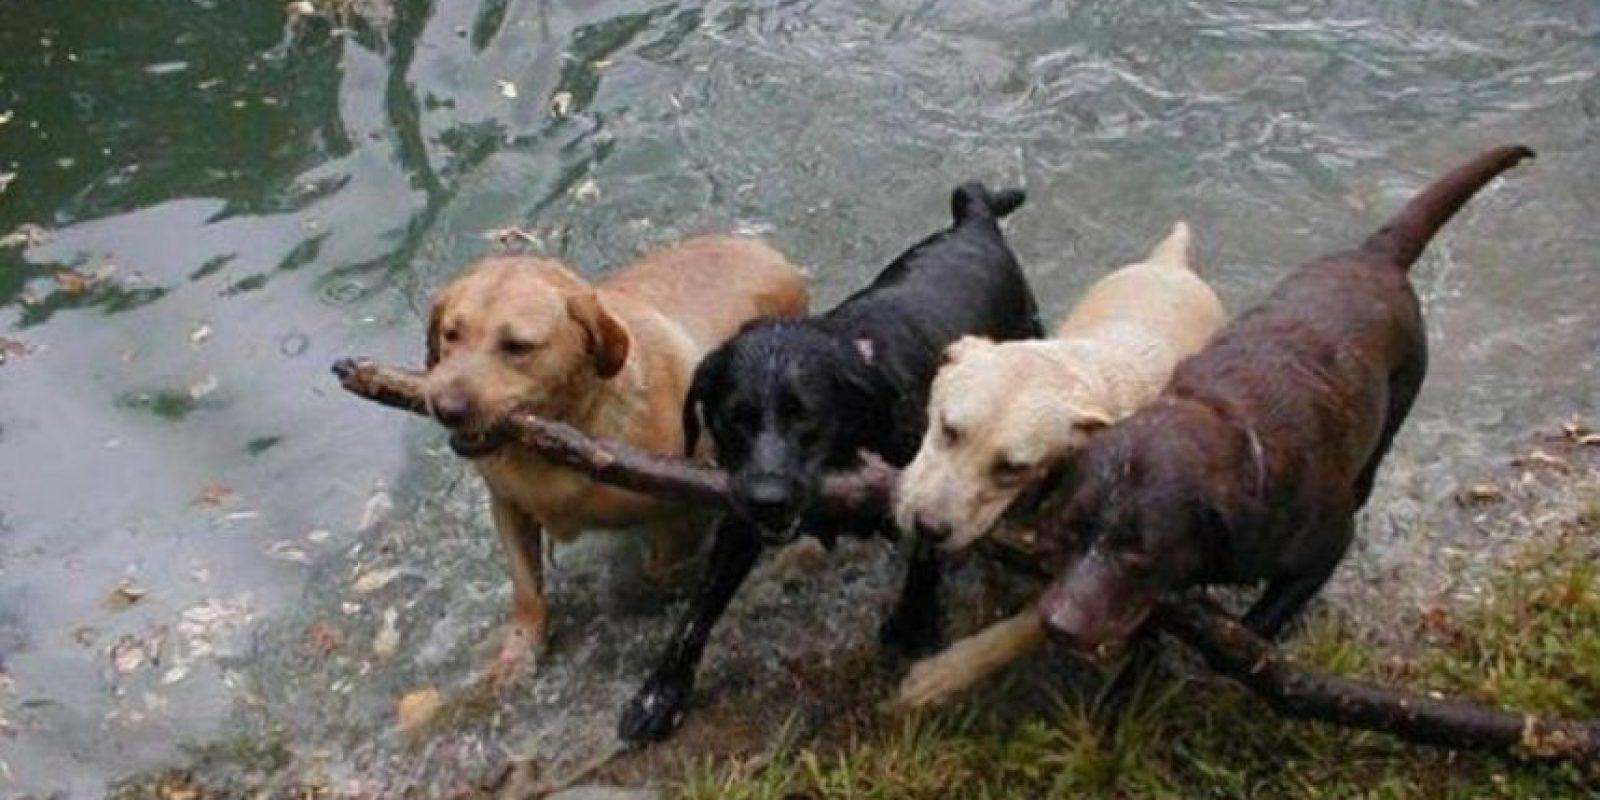 cachorritos en situaciones graciosas Foto:Tumblr